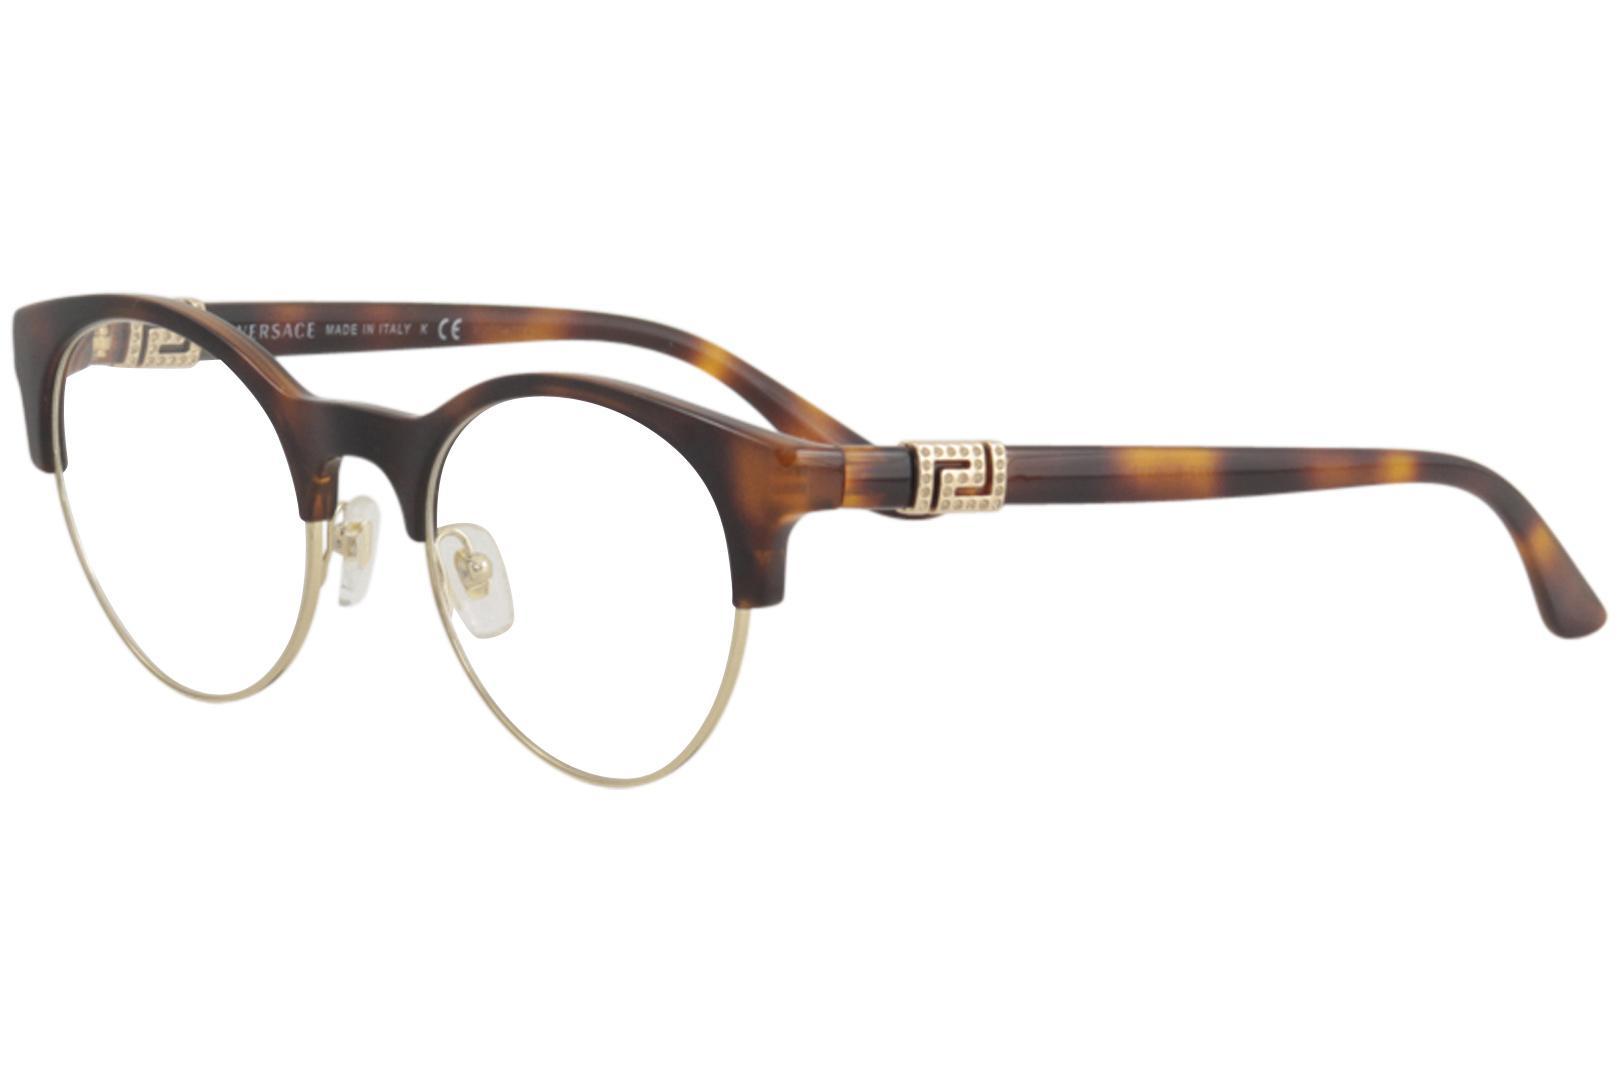 1ef12e22eb Versace Women s Eyeglasses VE 3233 B 3233B Full Rim Optical Frame